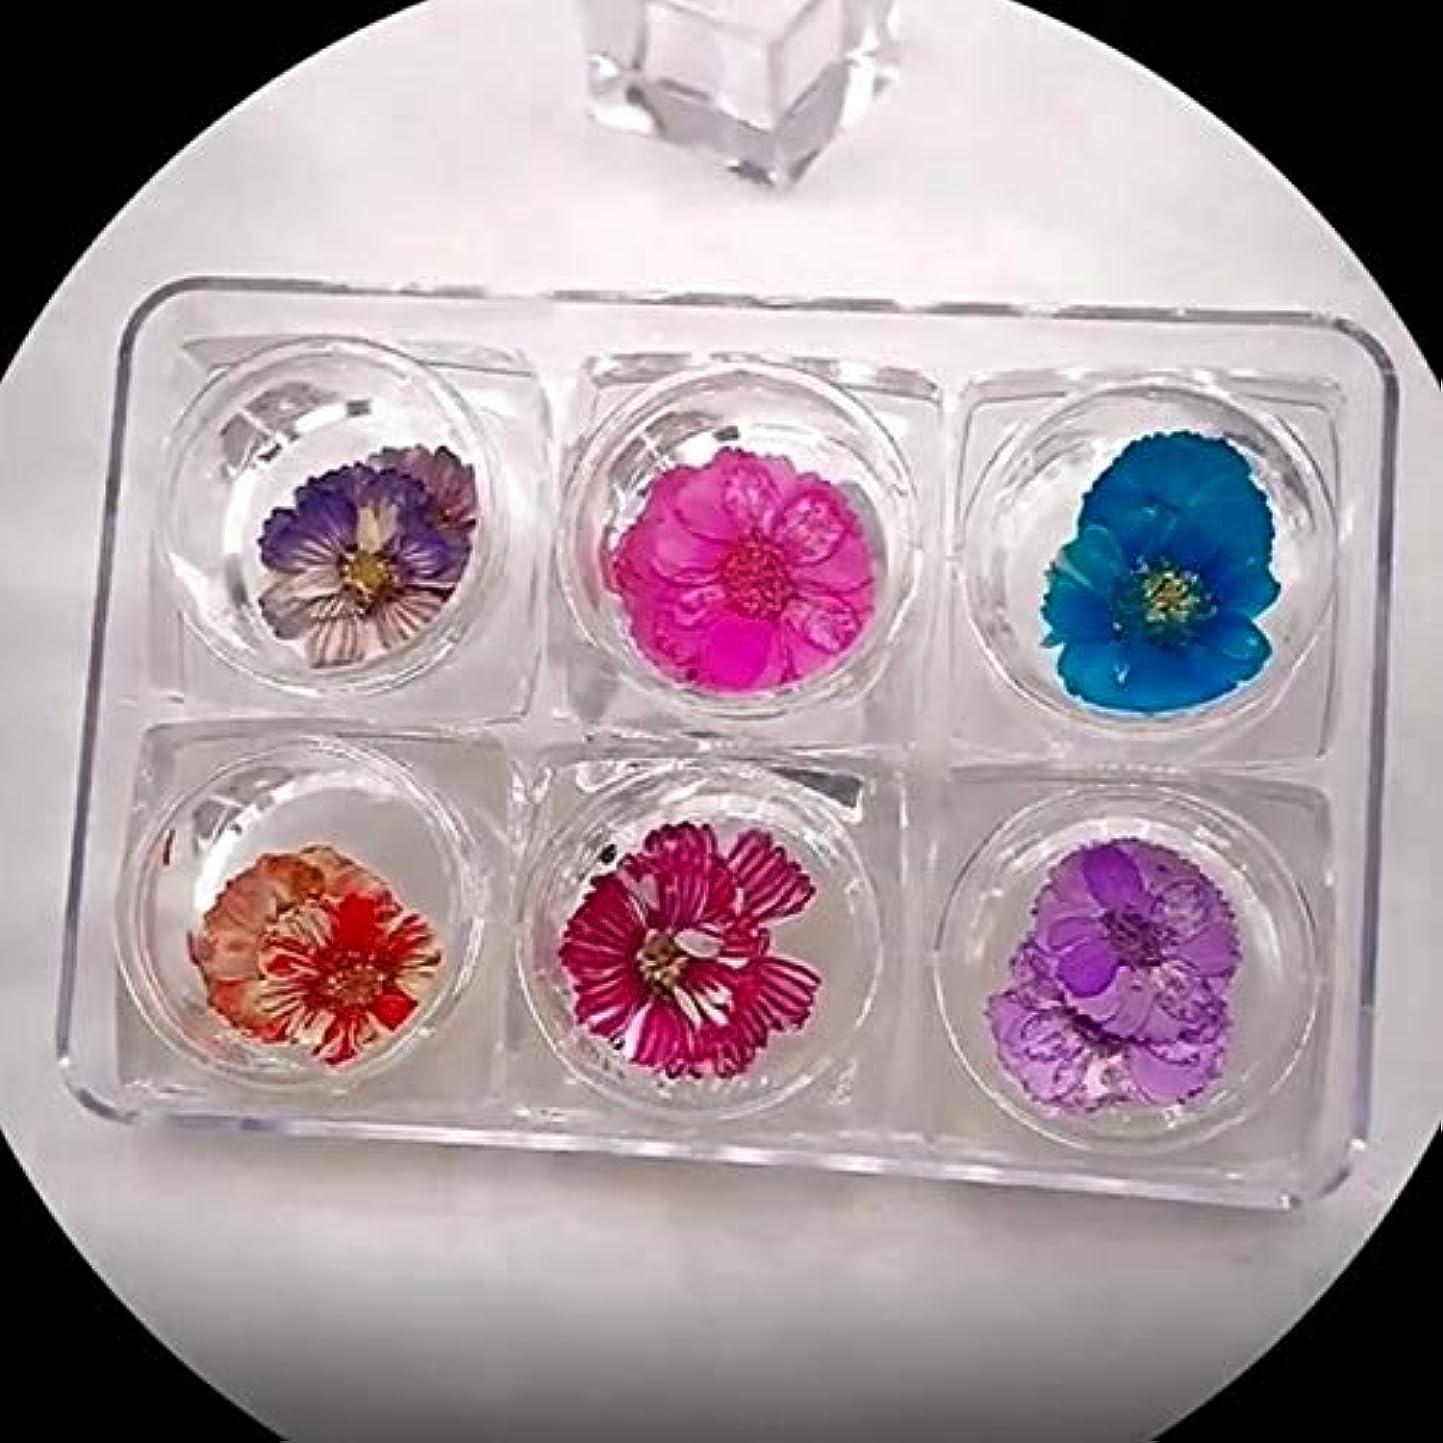 待つたまに徴収サリーの店 新しい6色ネイルアートアップリケジュエリーセット日本の乾燥花の花びら永遠の花の結晶装飾(None Picture Color)